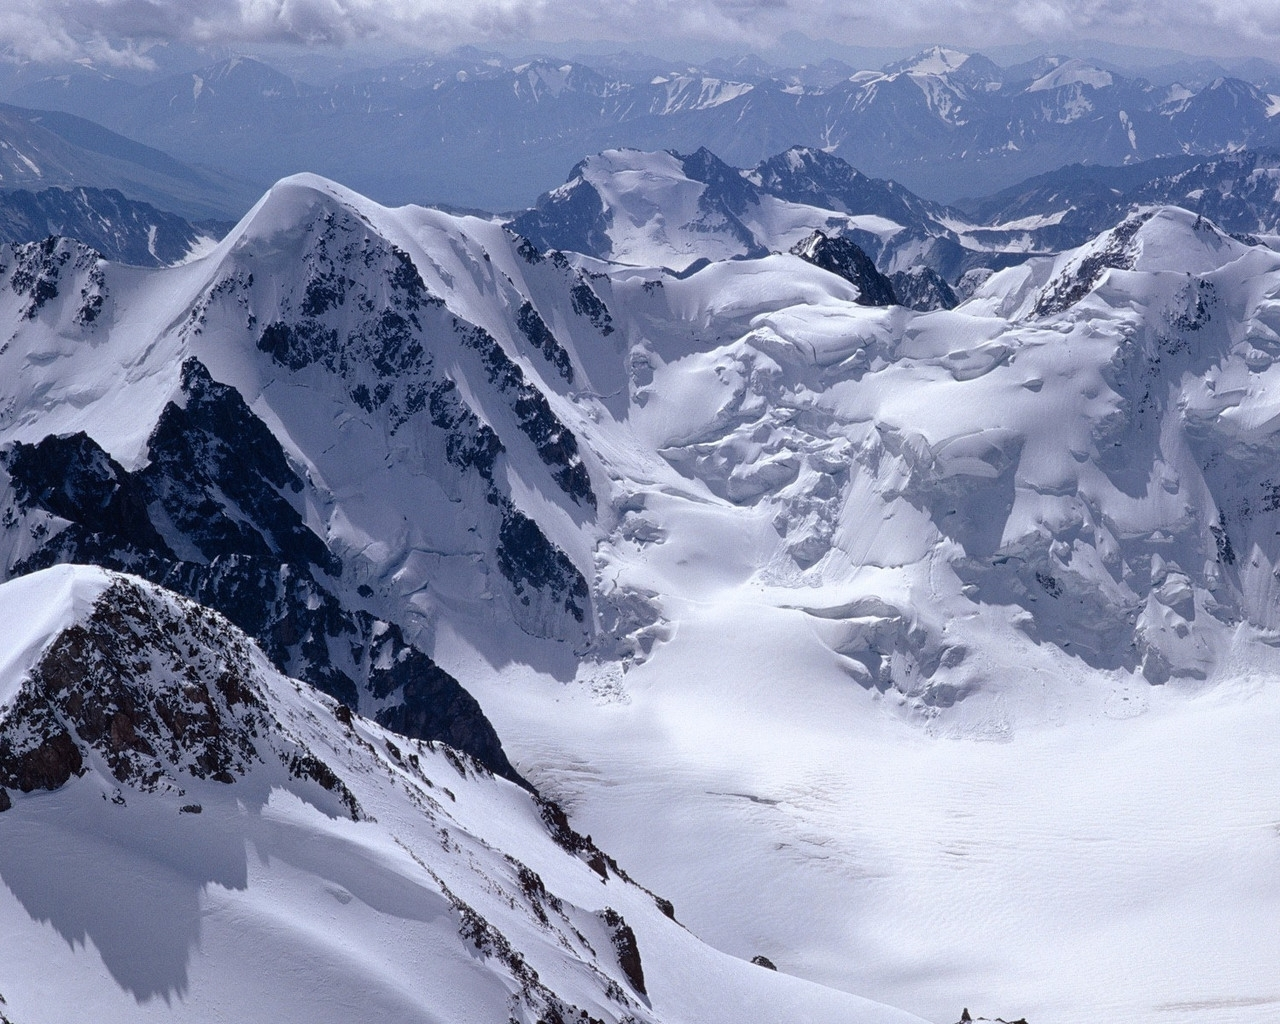 7049 скачать обои Пейзаж, Зима, Горы - заставки и картинки бесплатно